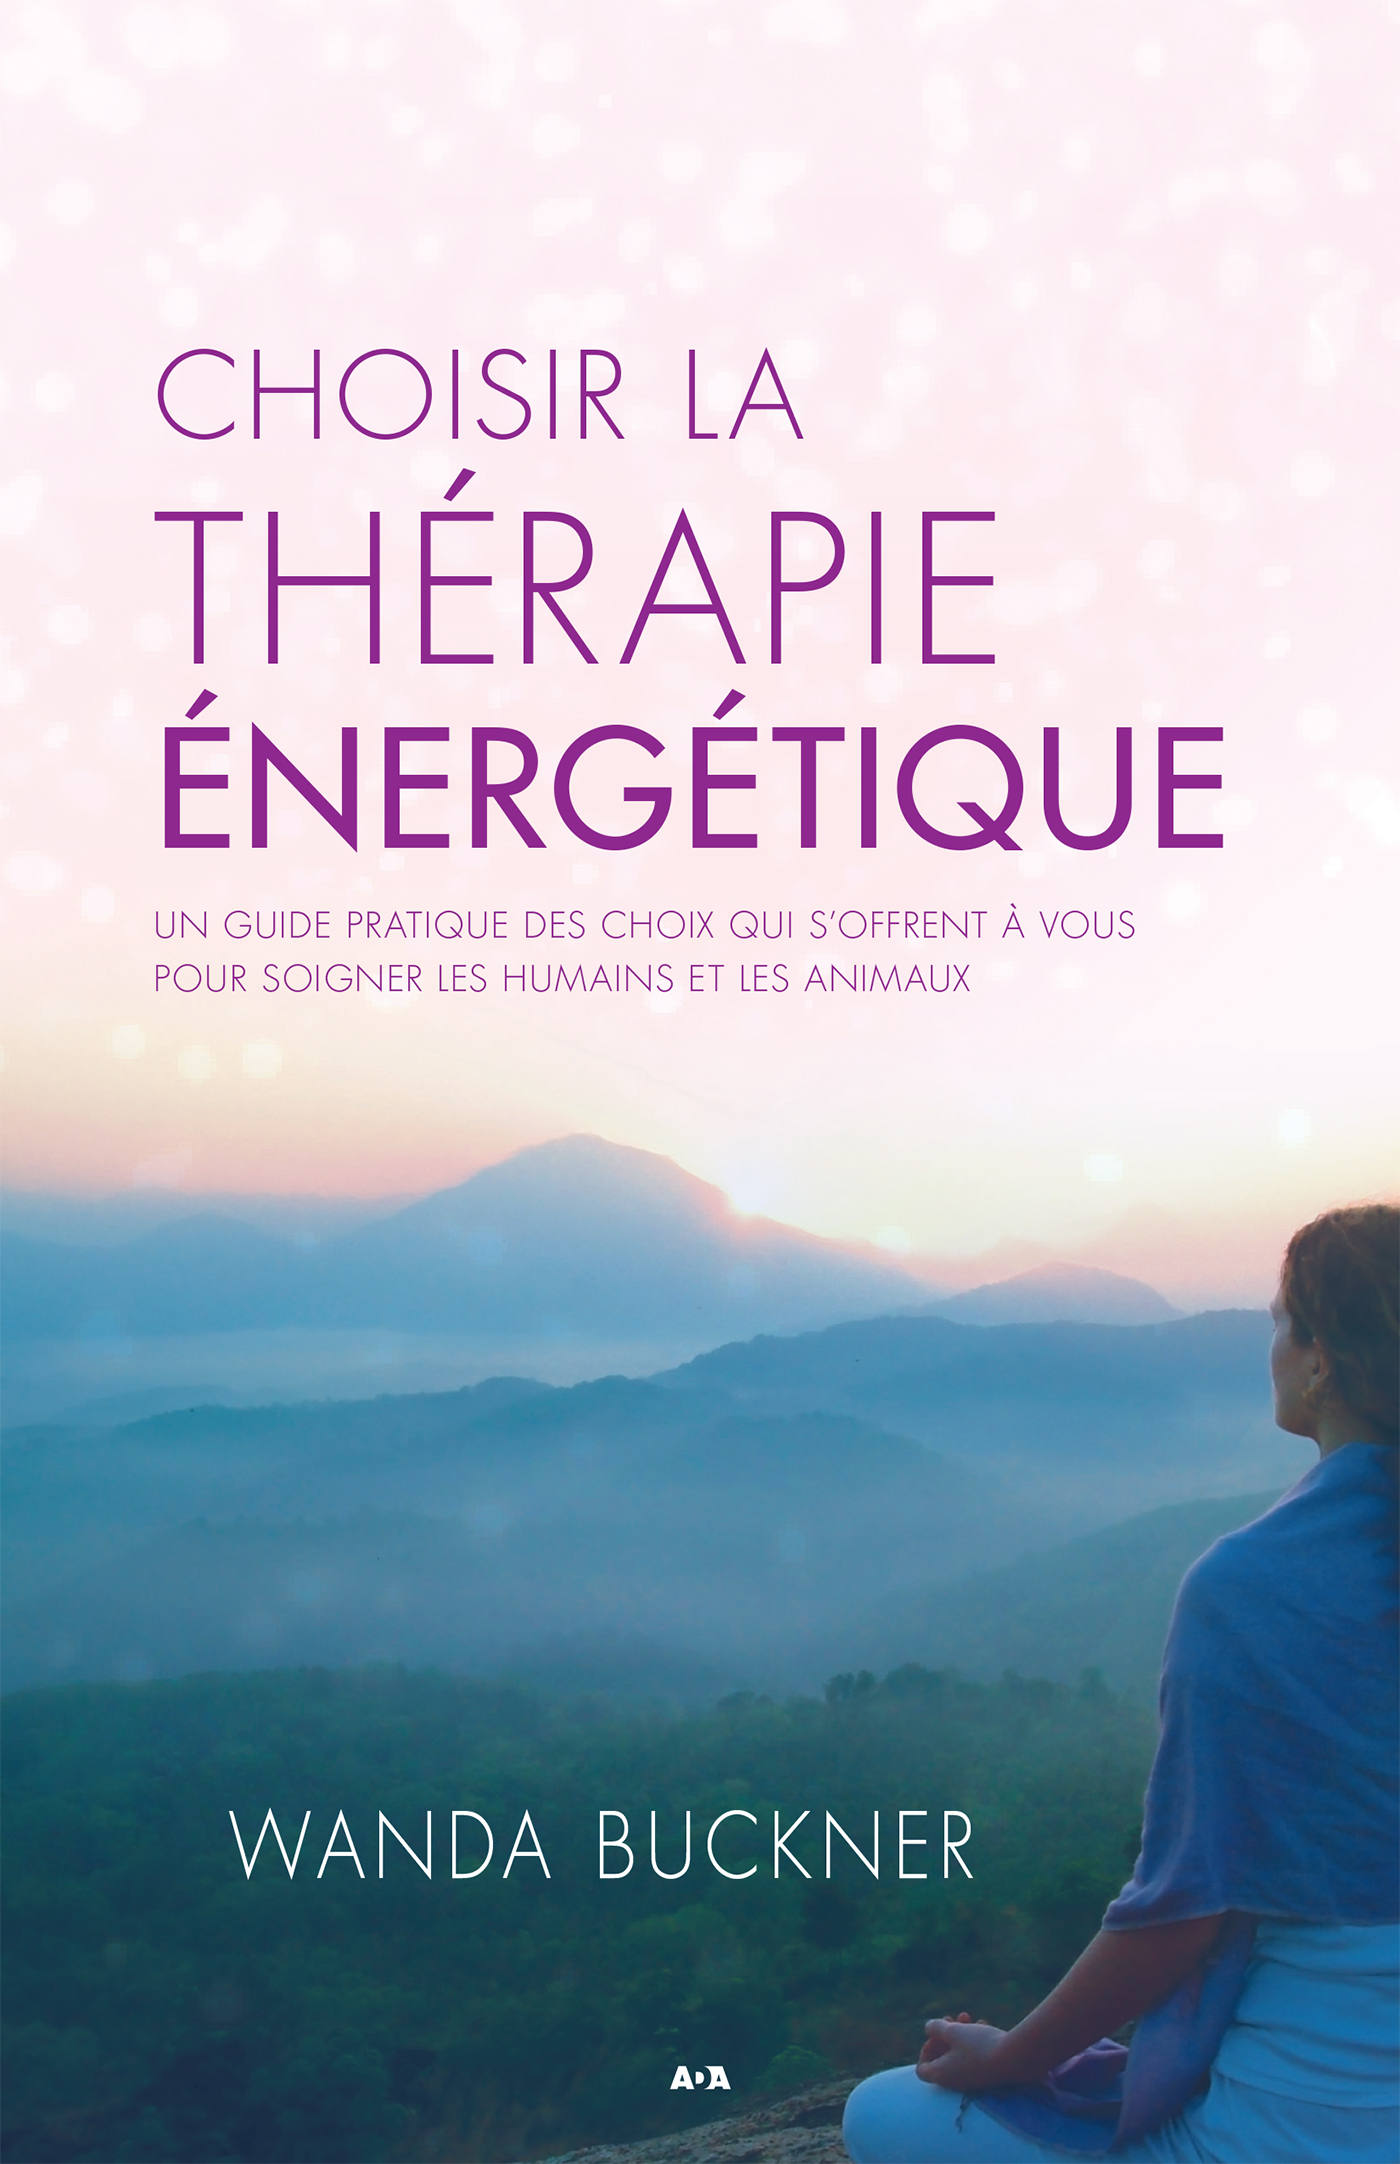 Choisir la thérapie énergétique